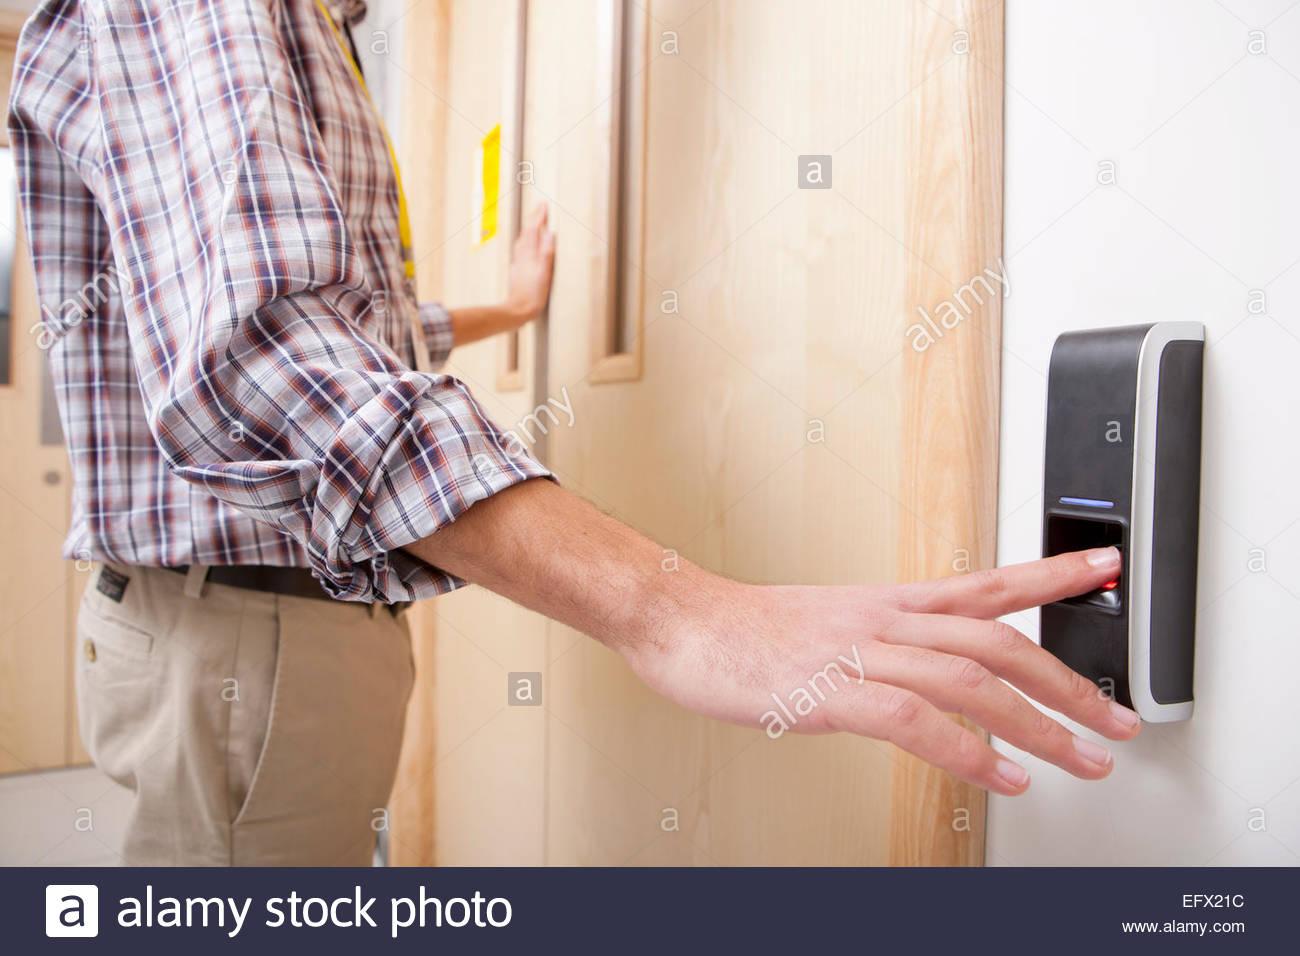 Hombre utilizando tecnología de entrada de huellas dactilares para abrir la puerta Imagen De Stock